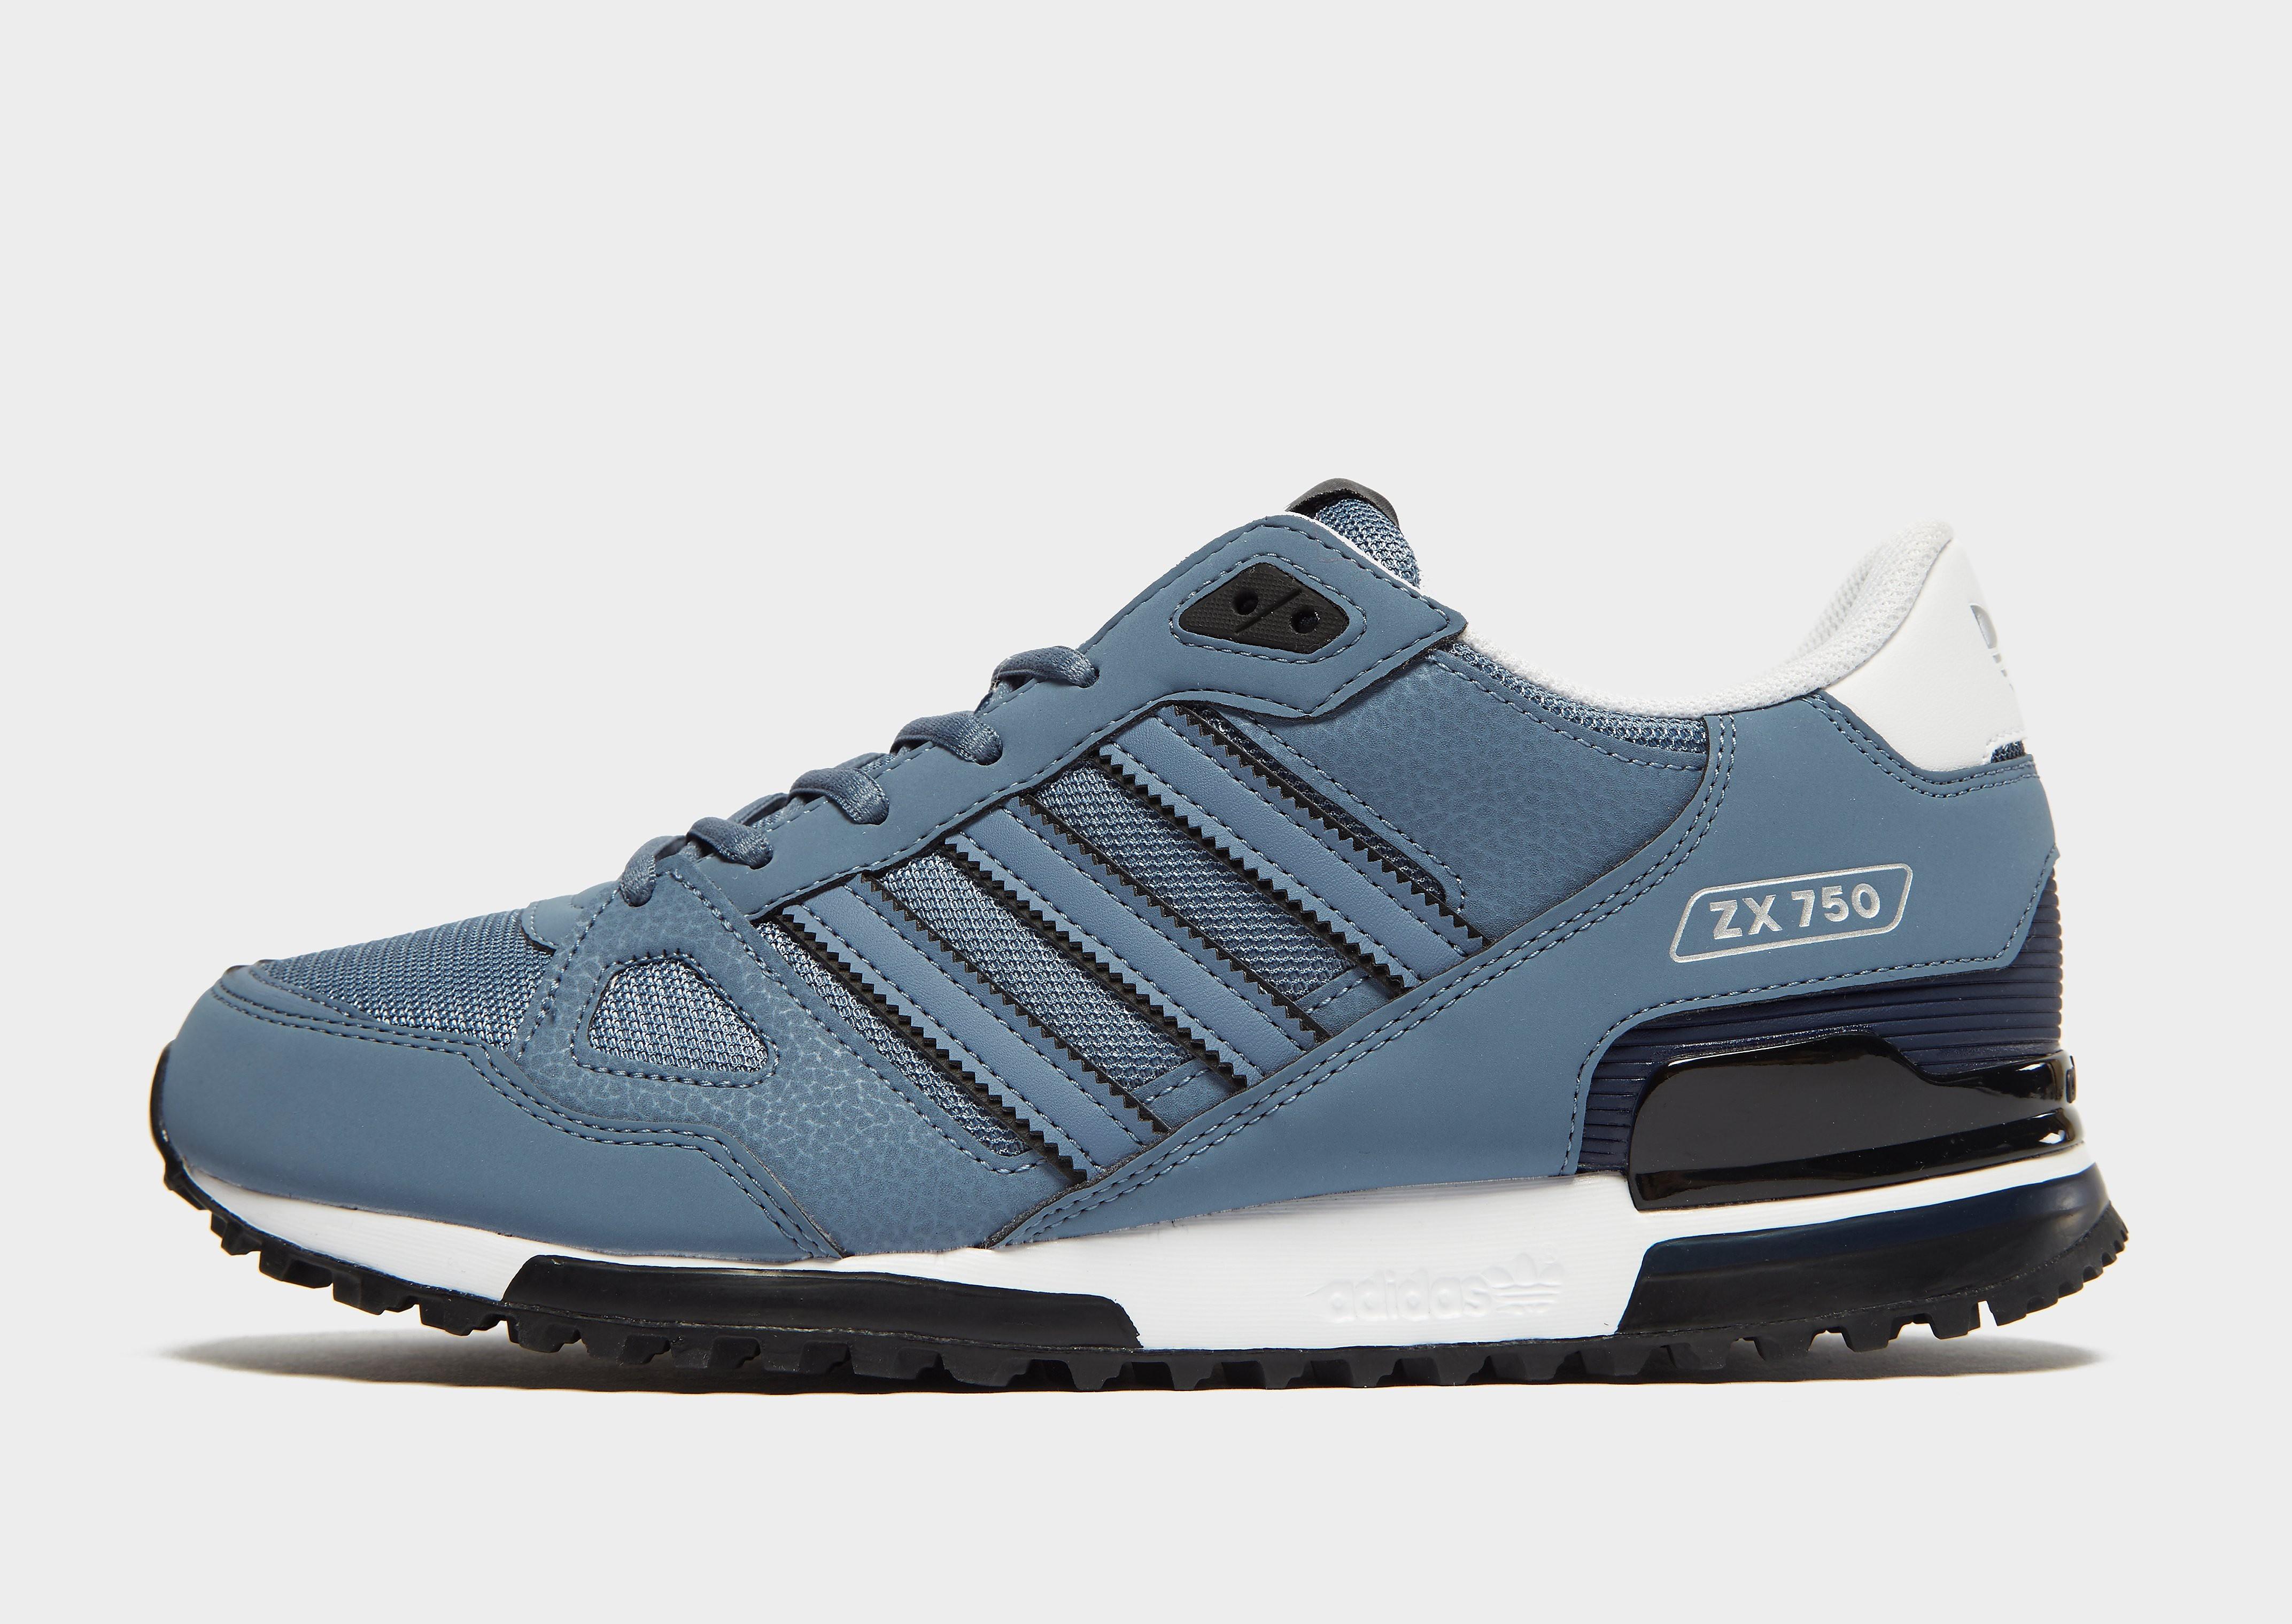 Adidas ZX 750 herensneaker grijs en blauw